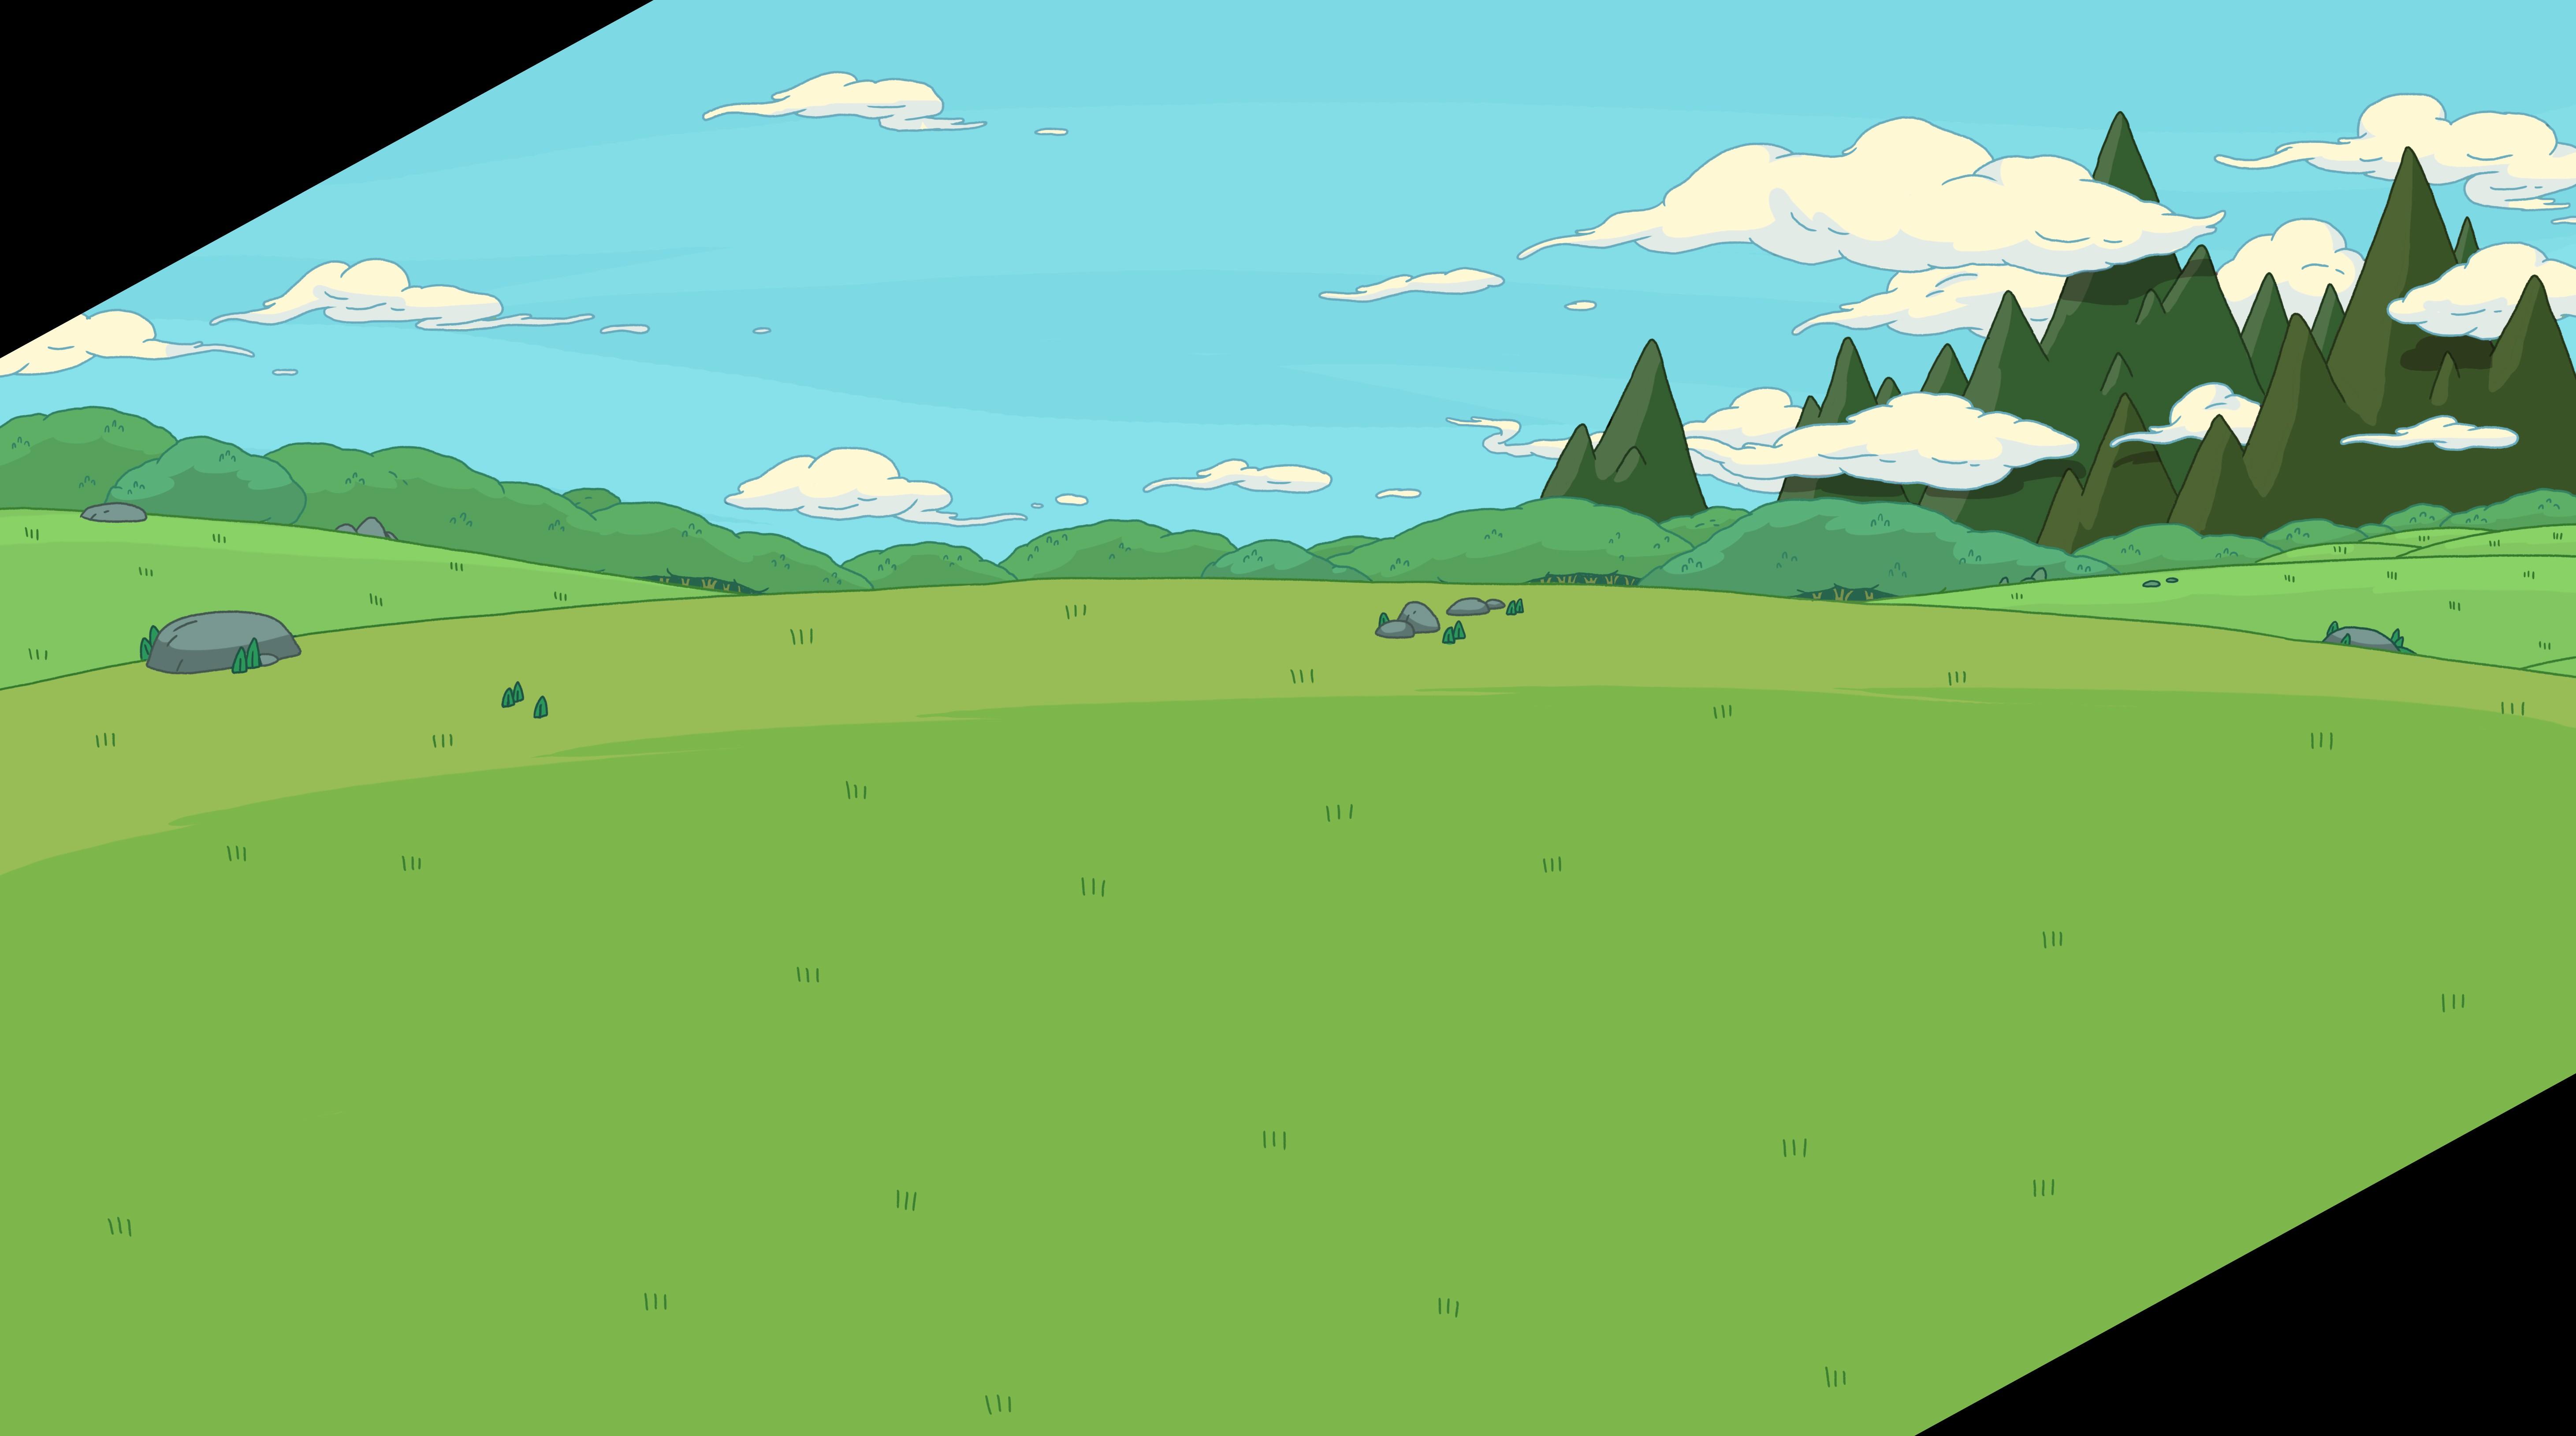 Fondos de pantalla : ilustración, césped, dibujos animados, viento, Tiempo  de Aventura, Terreno, pradera, prado, llanura, captura de pantalla,  habitat, entorno natural, ecosistema 5844x3258 - Kmaco - 107023 - Fondos de  pantalla - WallHere